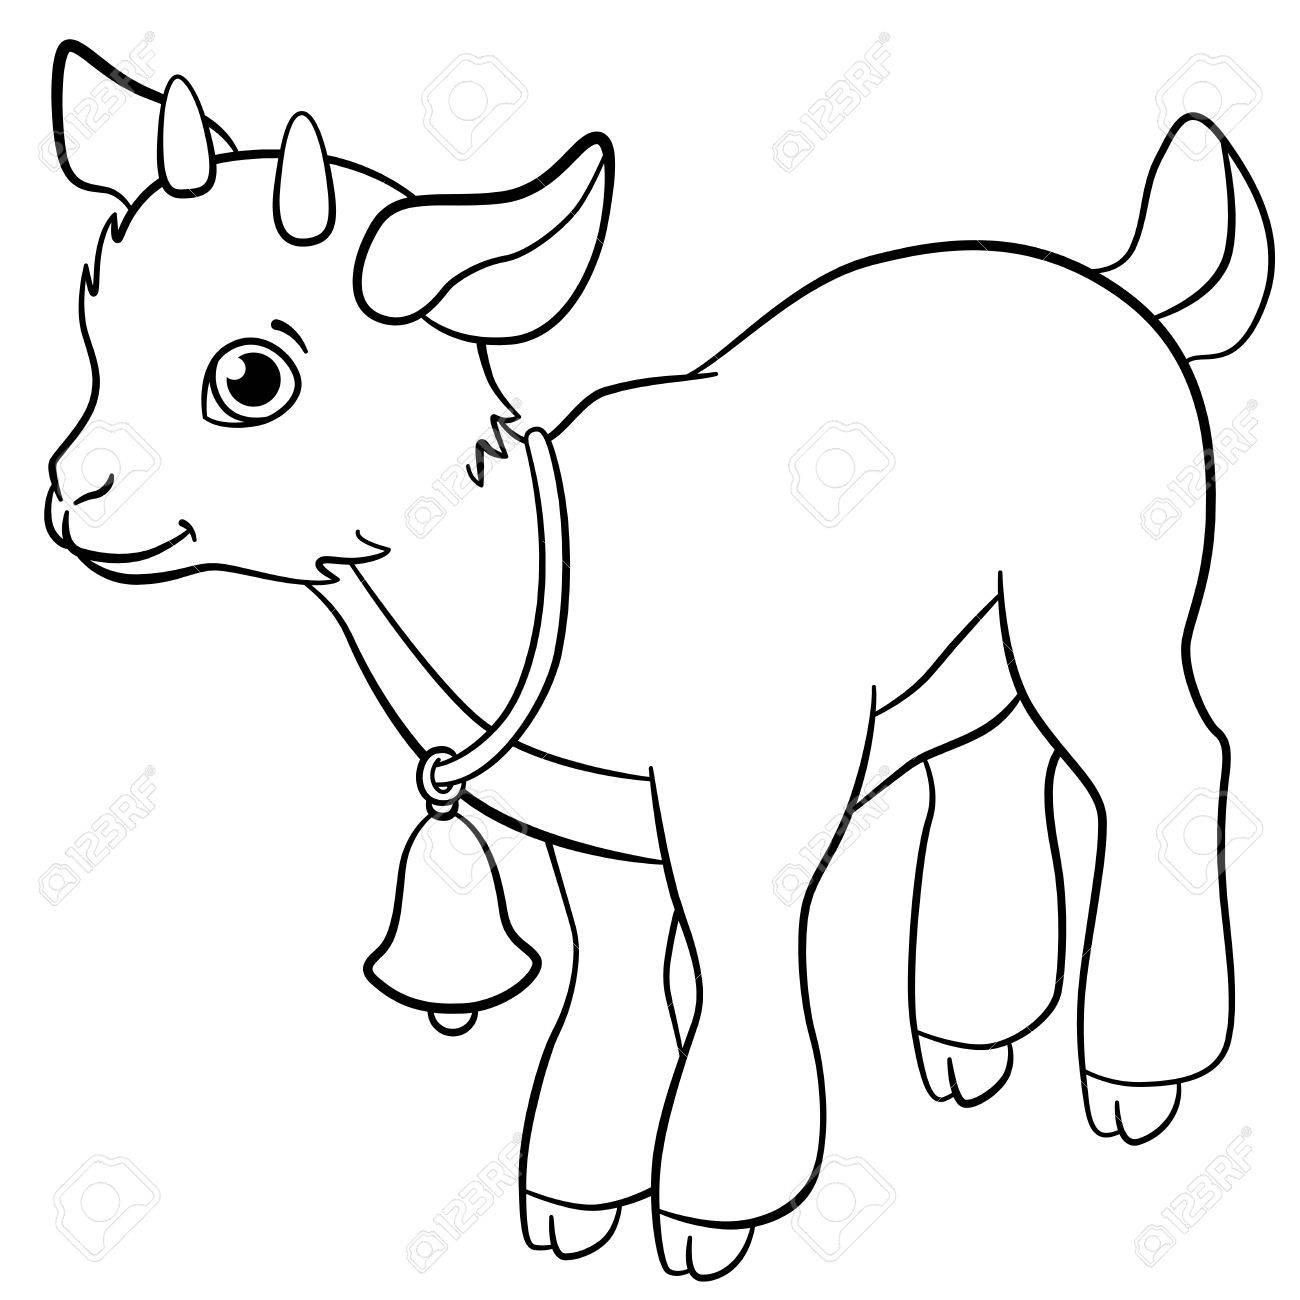 Malvorlagen. Nutztiere. Kleine Süße Goatling Lächelt. Lizenzfrei ...